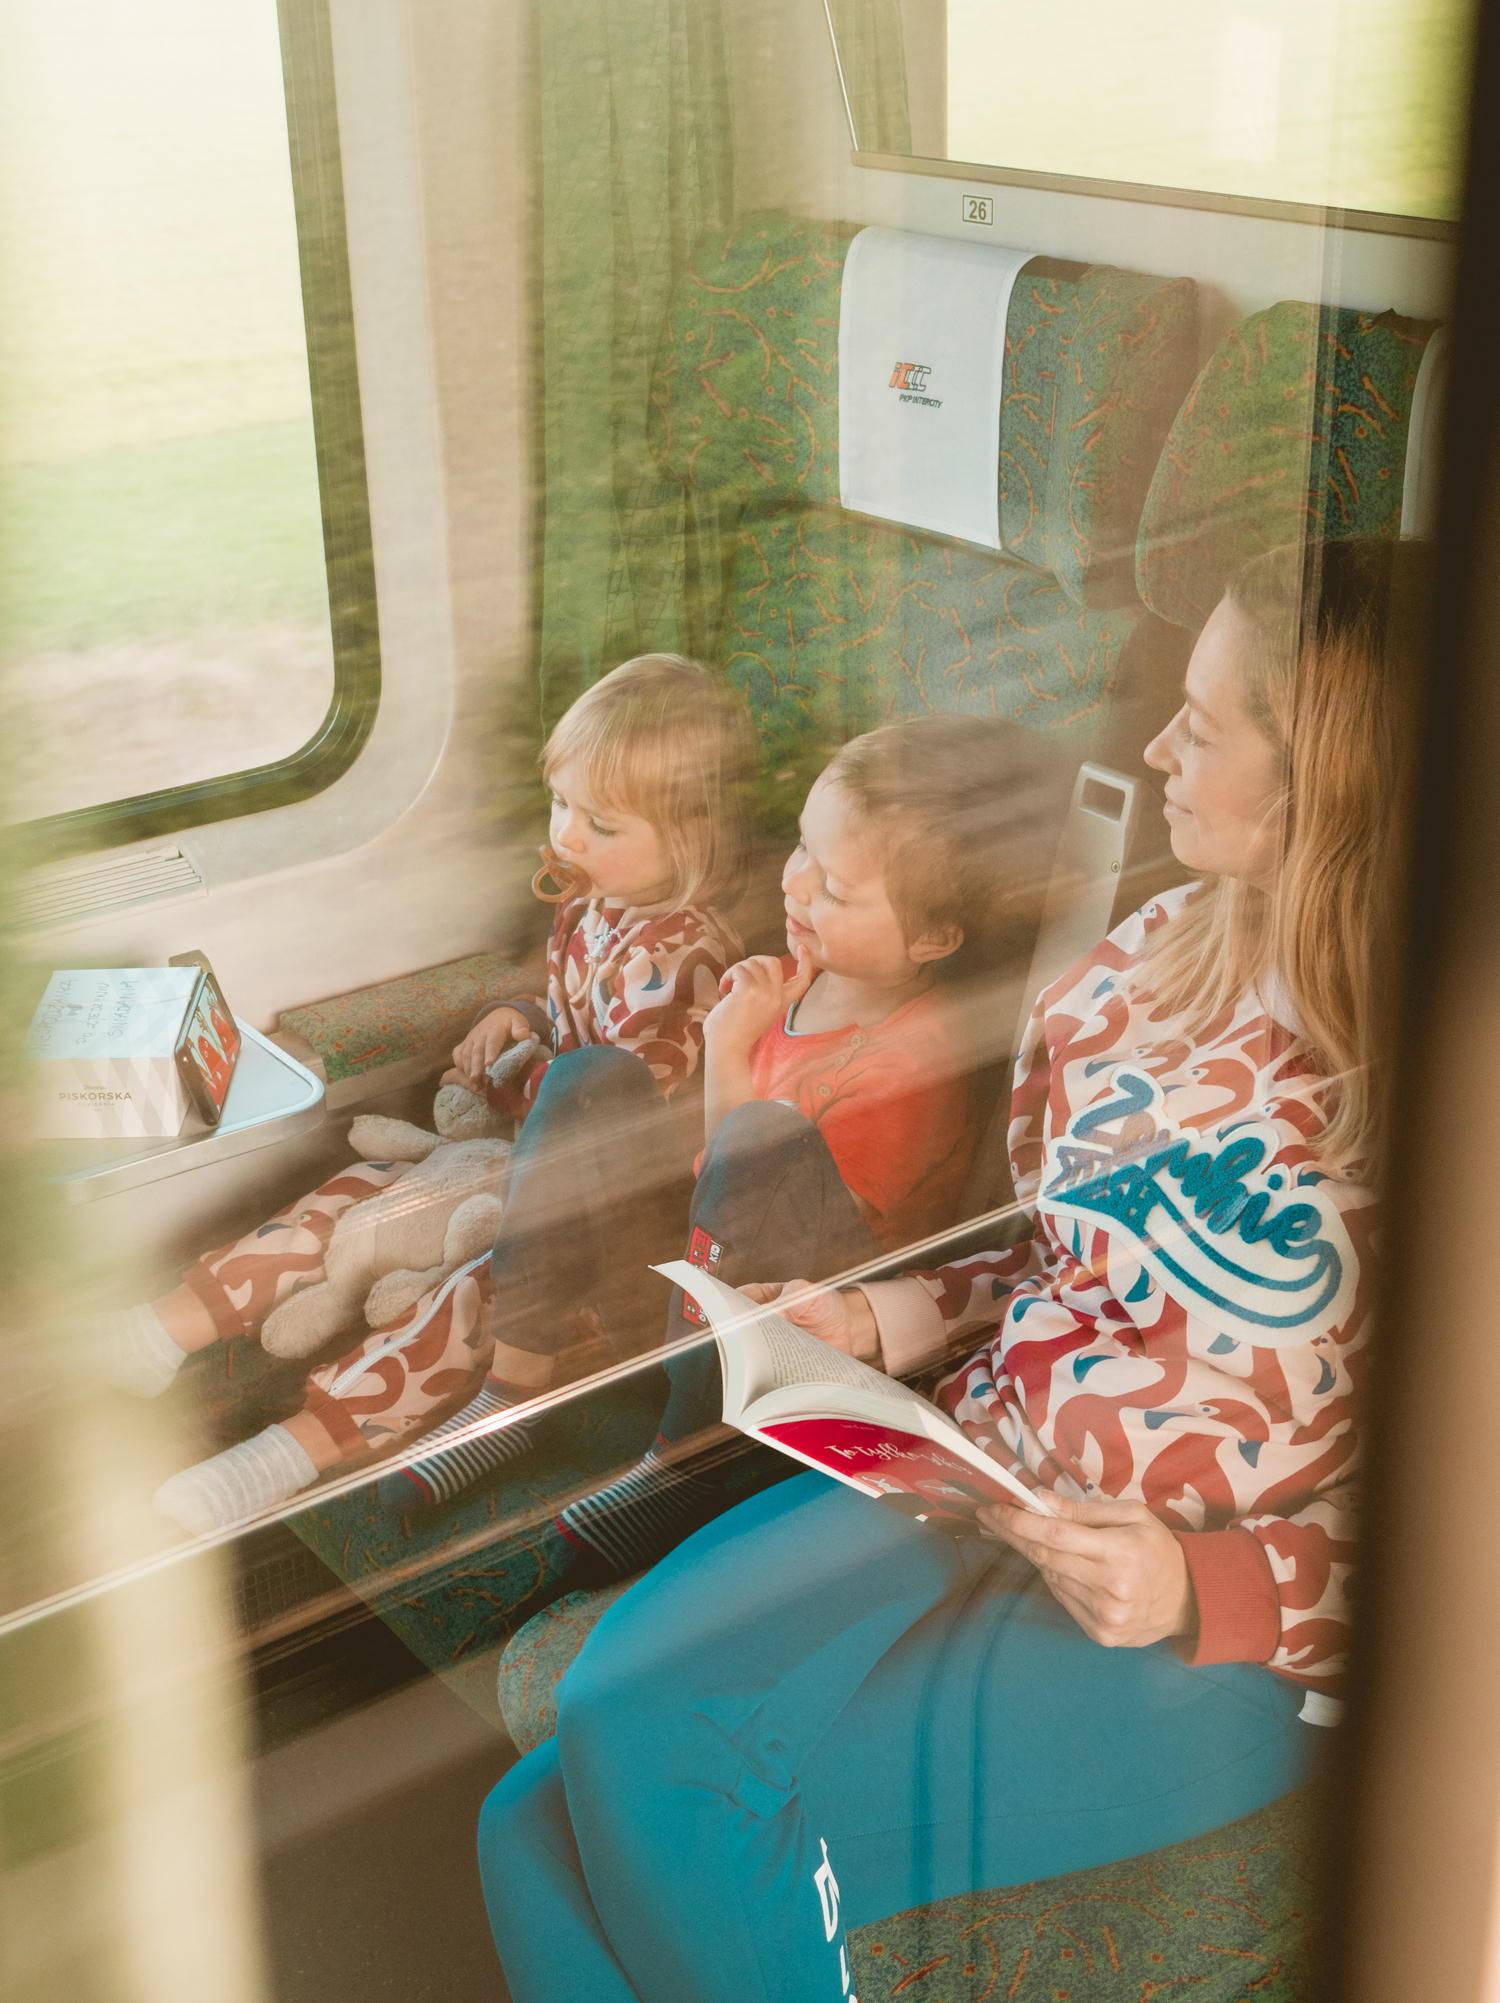 jak najlepiej podróżować z dziećmi